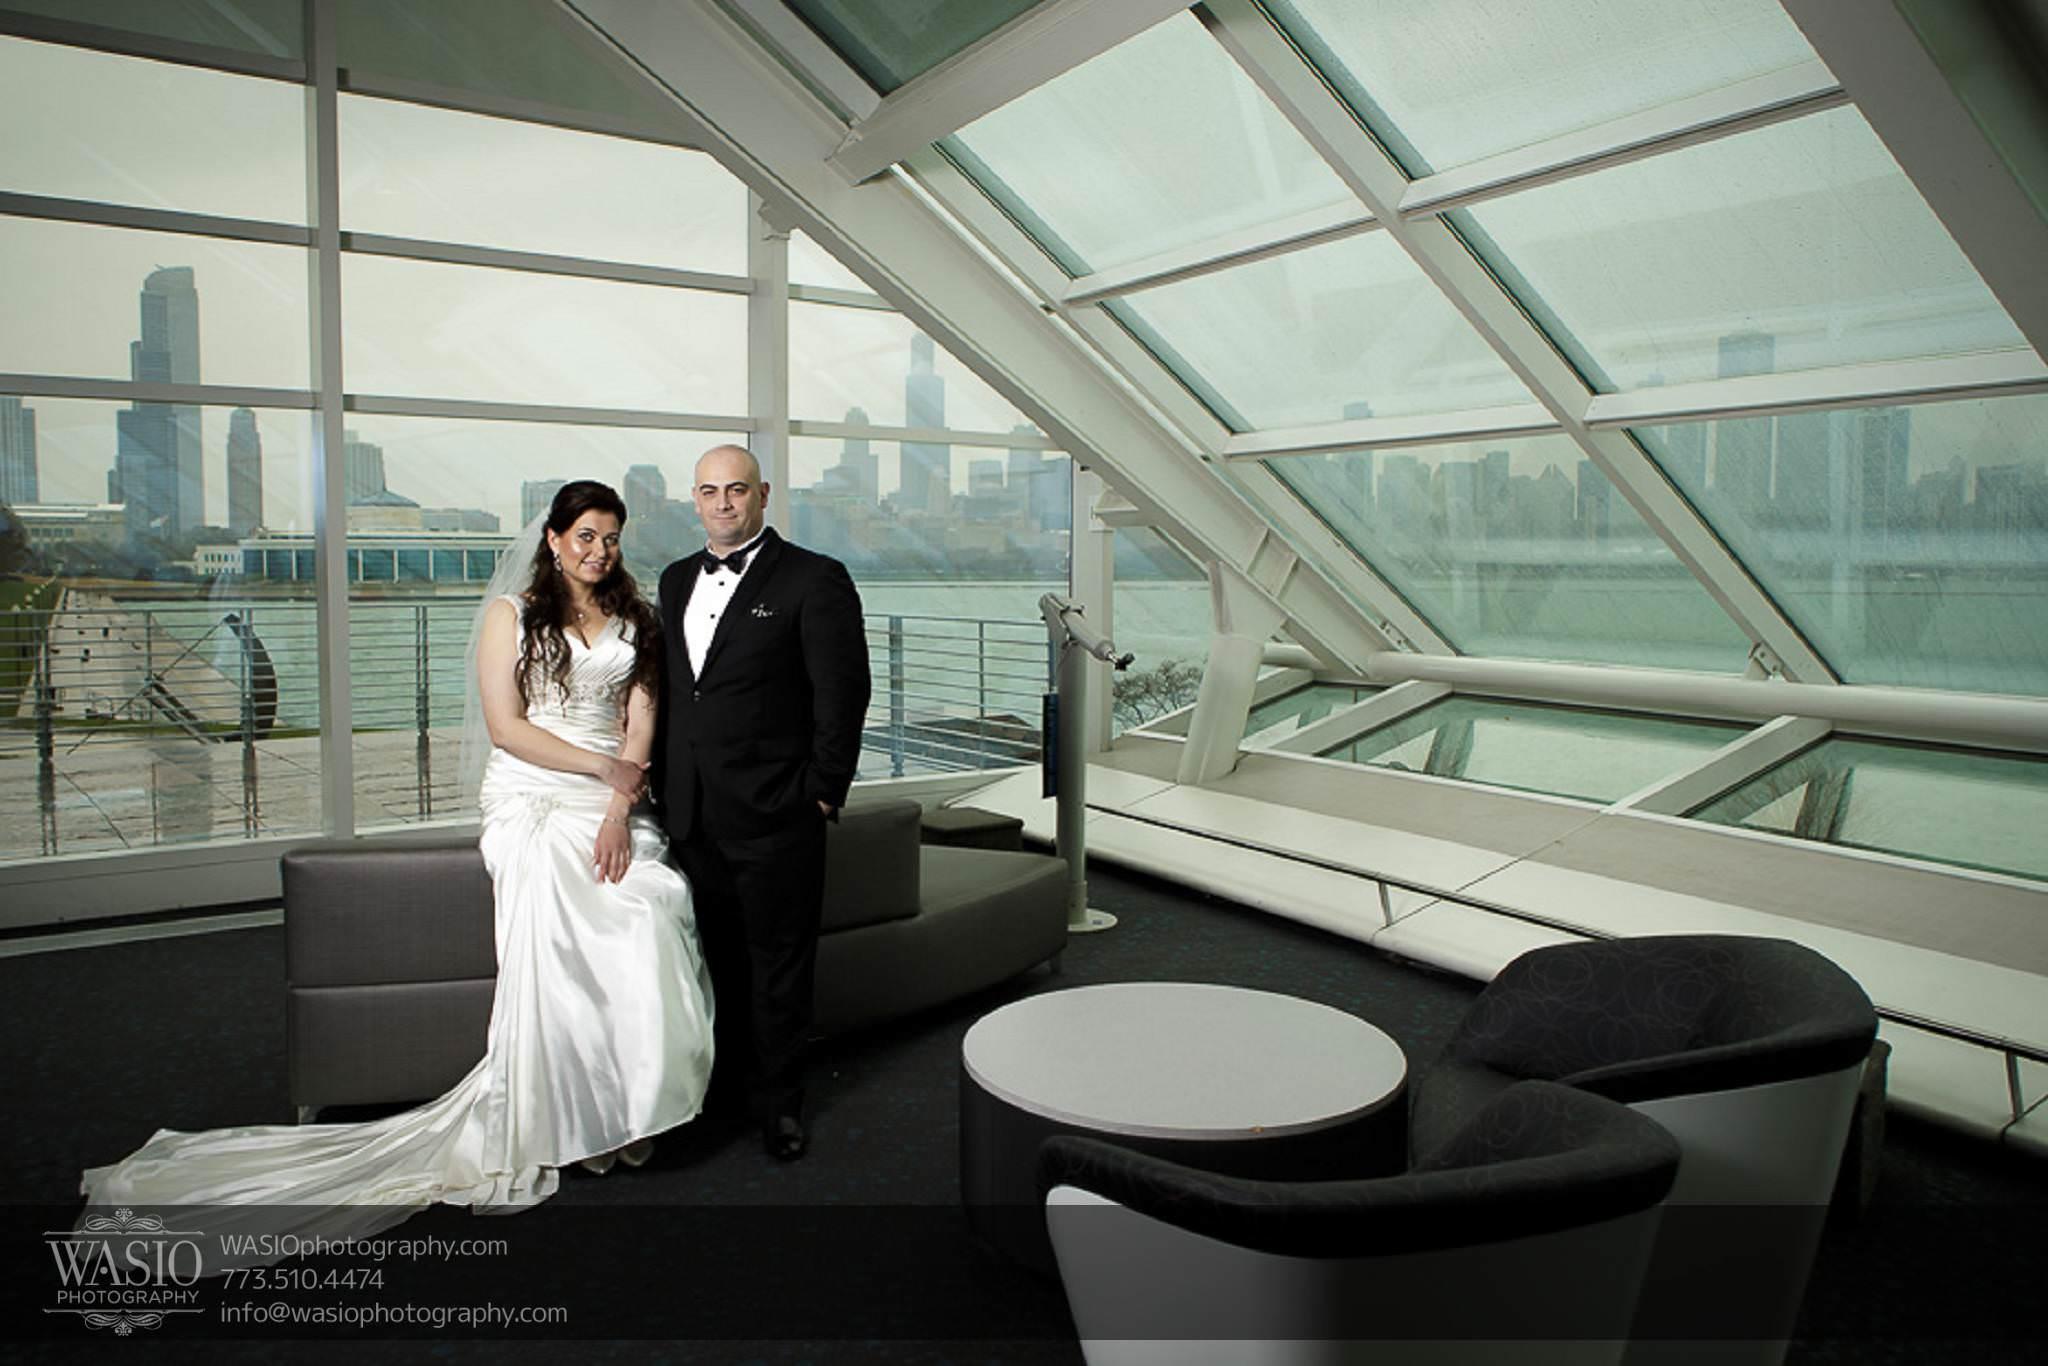 Chicago-wedding-photos-skyline-unique-angle-photography-059 Chicago Wedding Photos - Svetlana + Yuriy